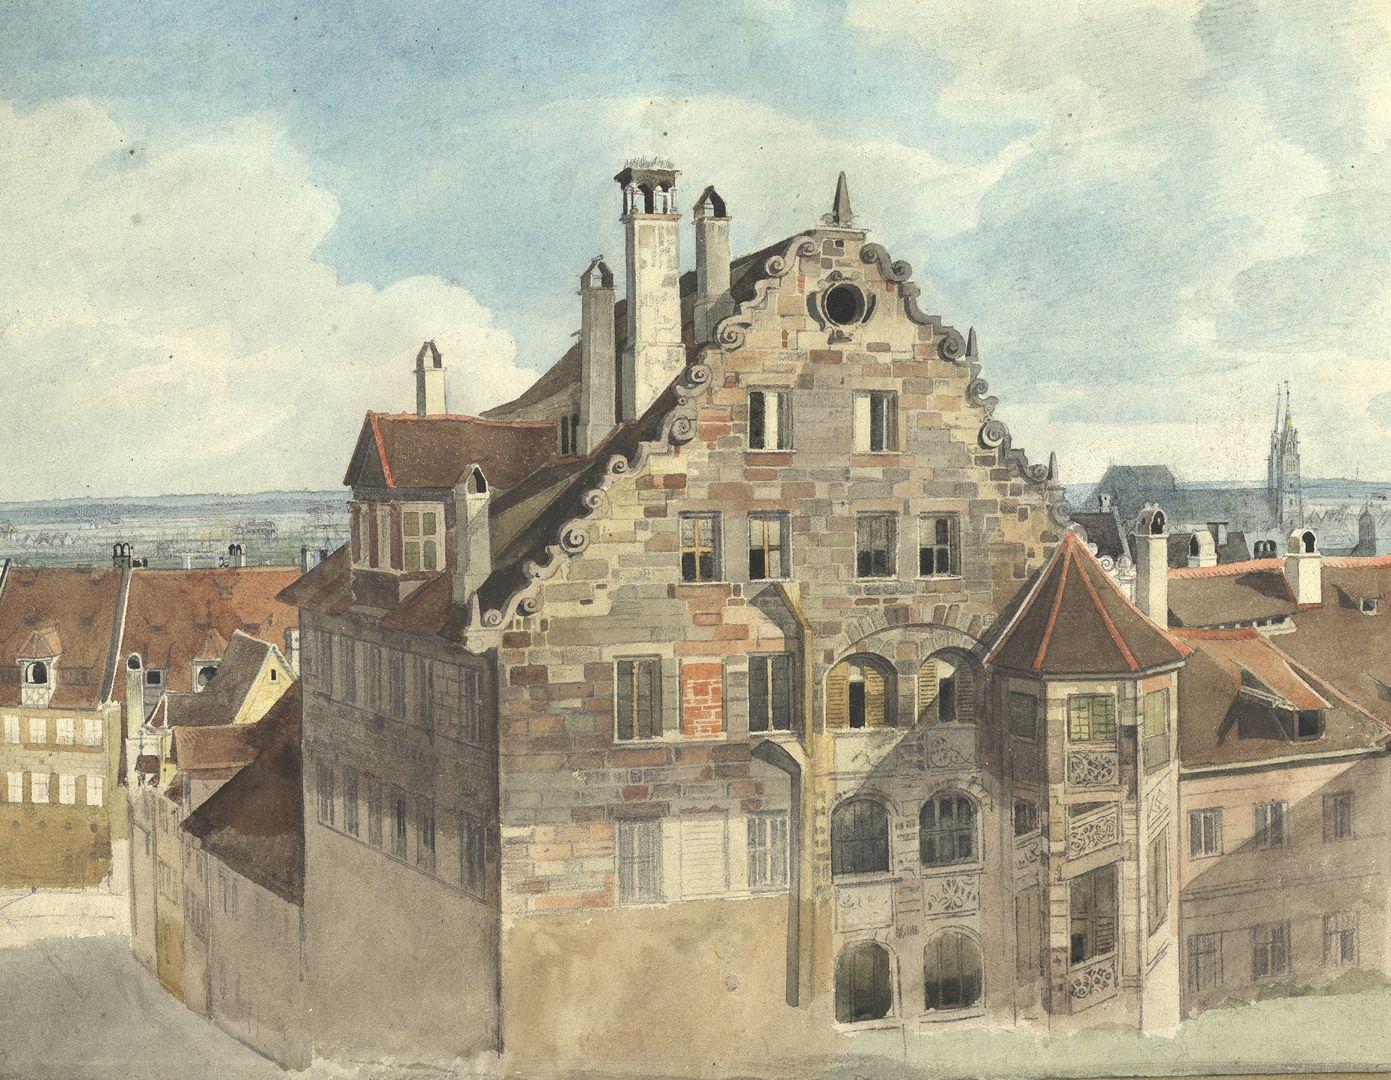 Nürnberg, Blick vom Paniersplatz auf die Stadt Nördliche Giebelfassade und der Treppenturm des Hauses Paniersplatz Nr.9, sogenannter Hertelshof